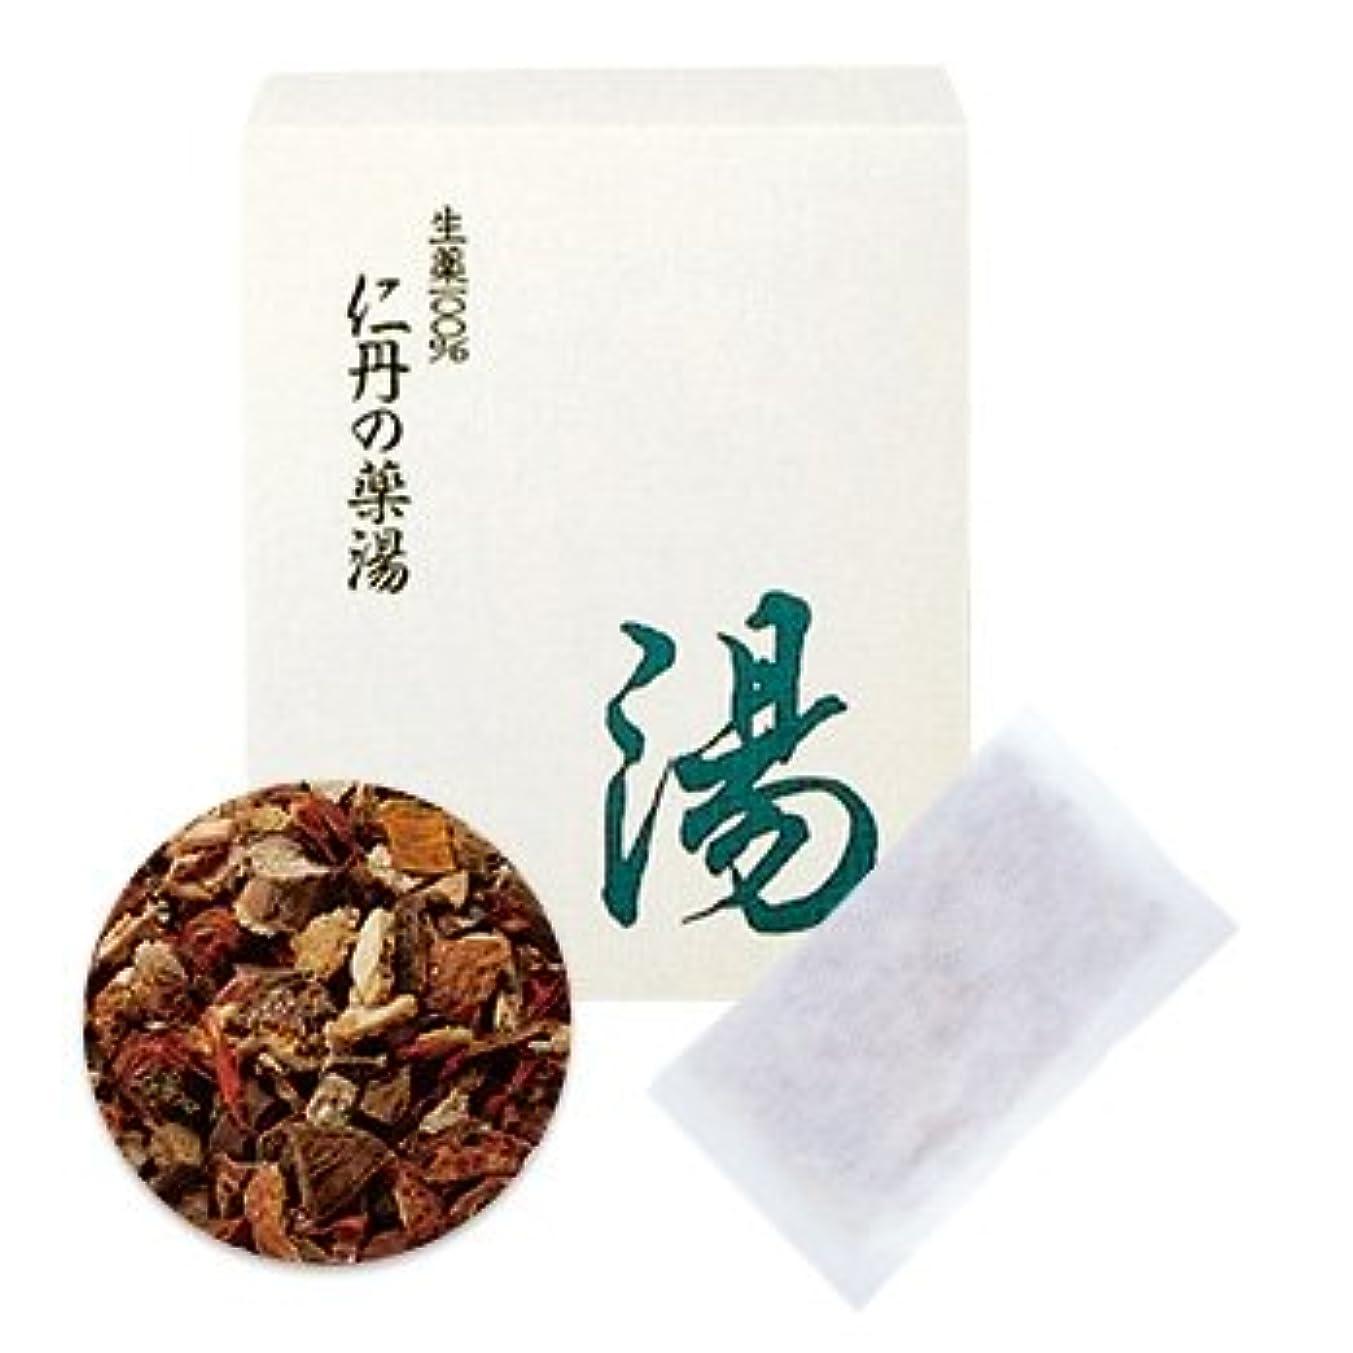 必要ない勝つ厚くする森下仁丹 仁丹の薬湯(マイルド) 10包 医薬部外品